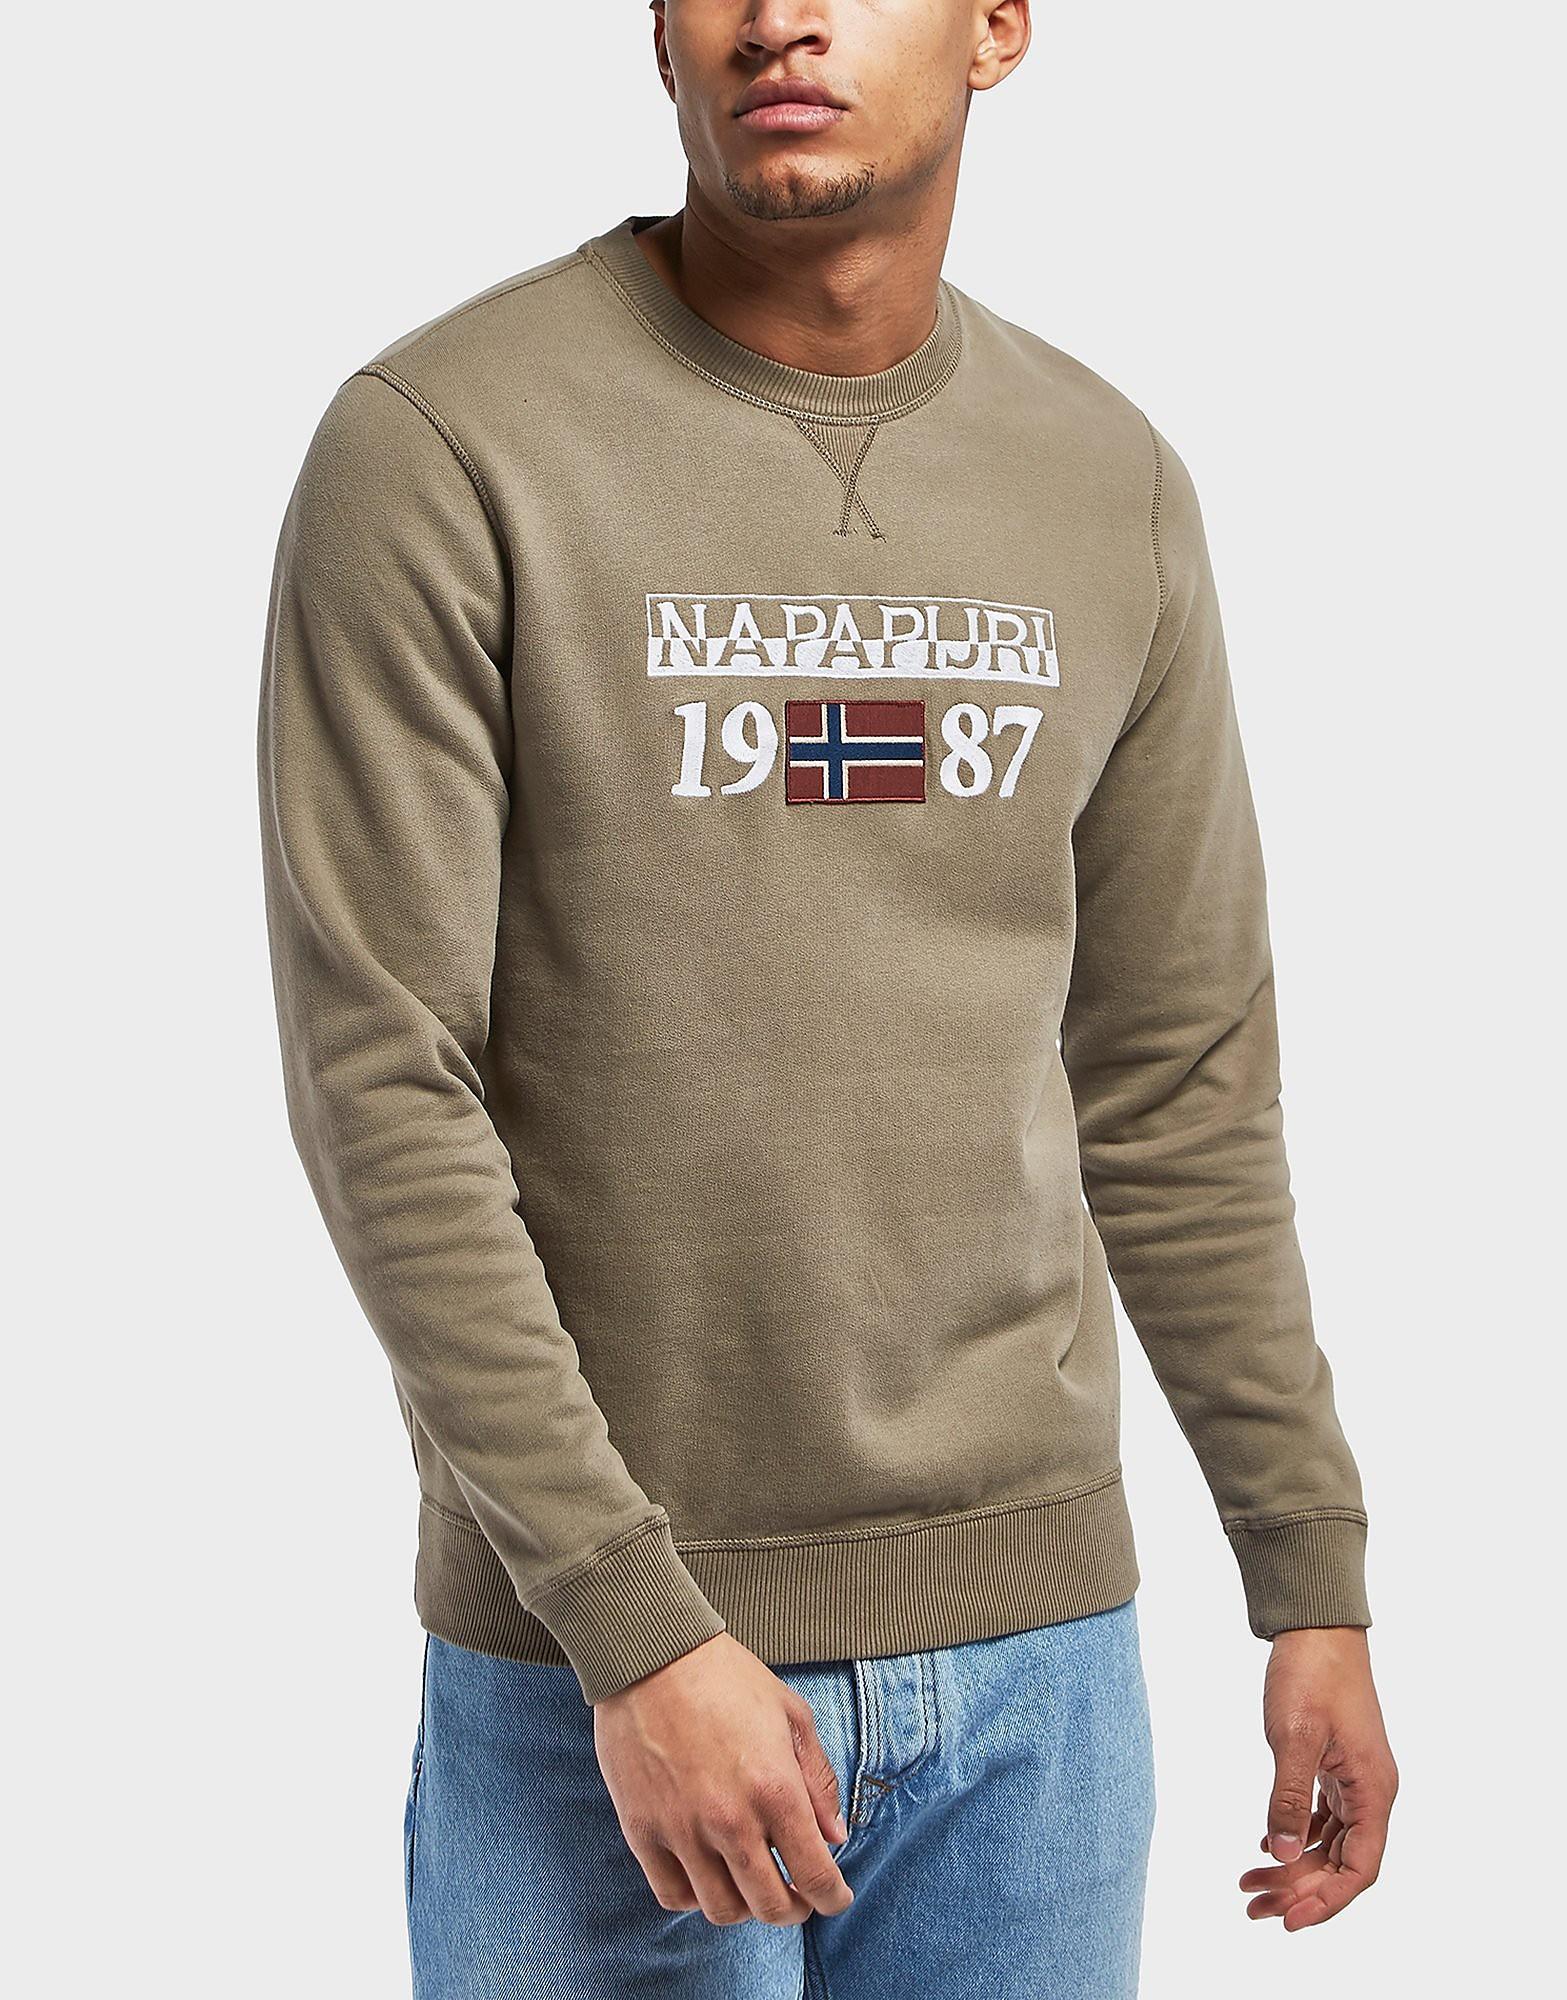 Napapijri Berthrow Crew Sweatshirt - Exclusive